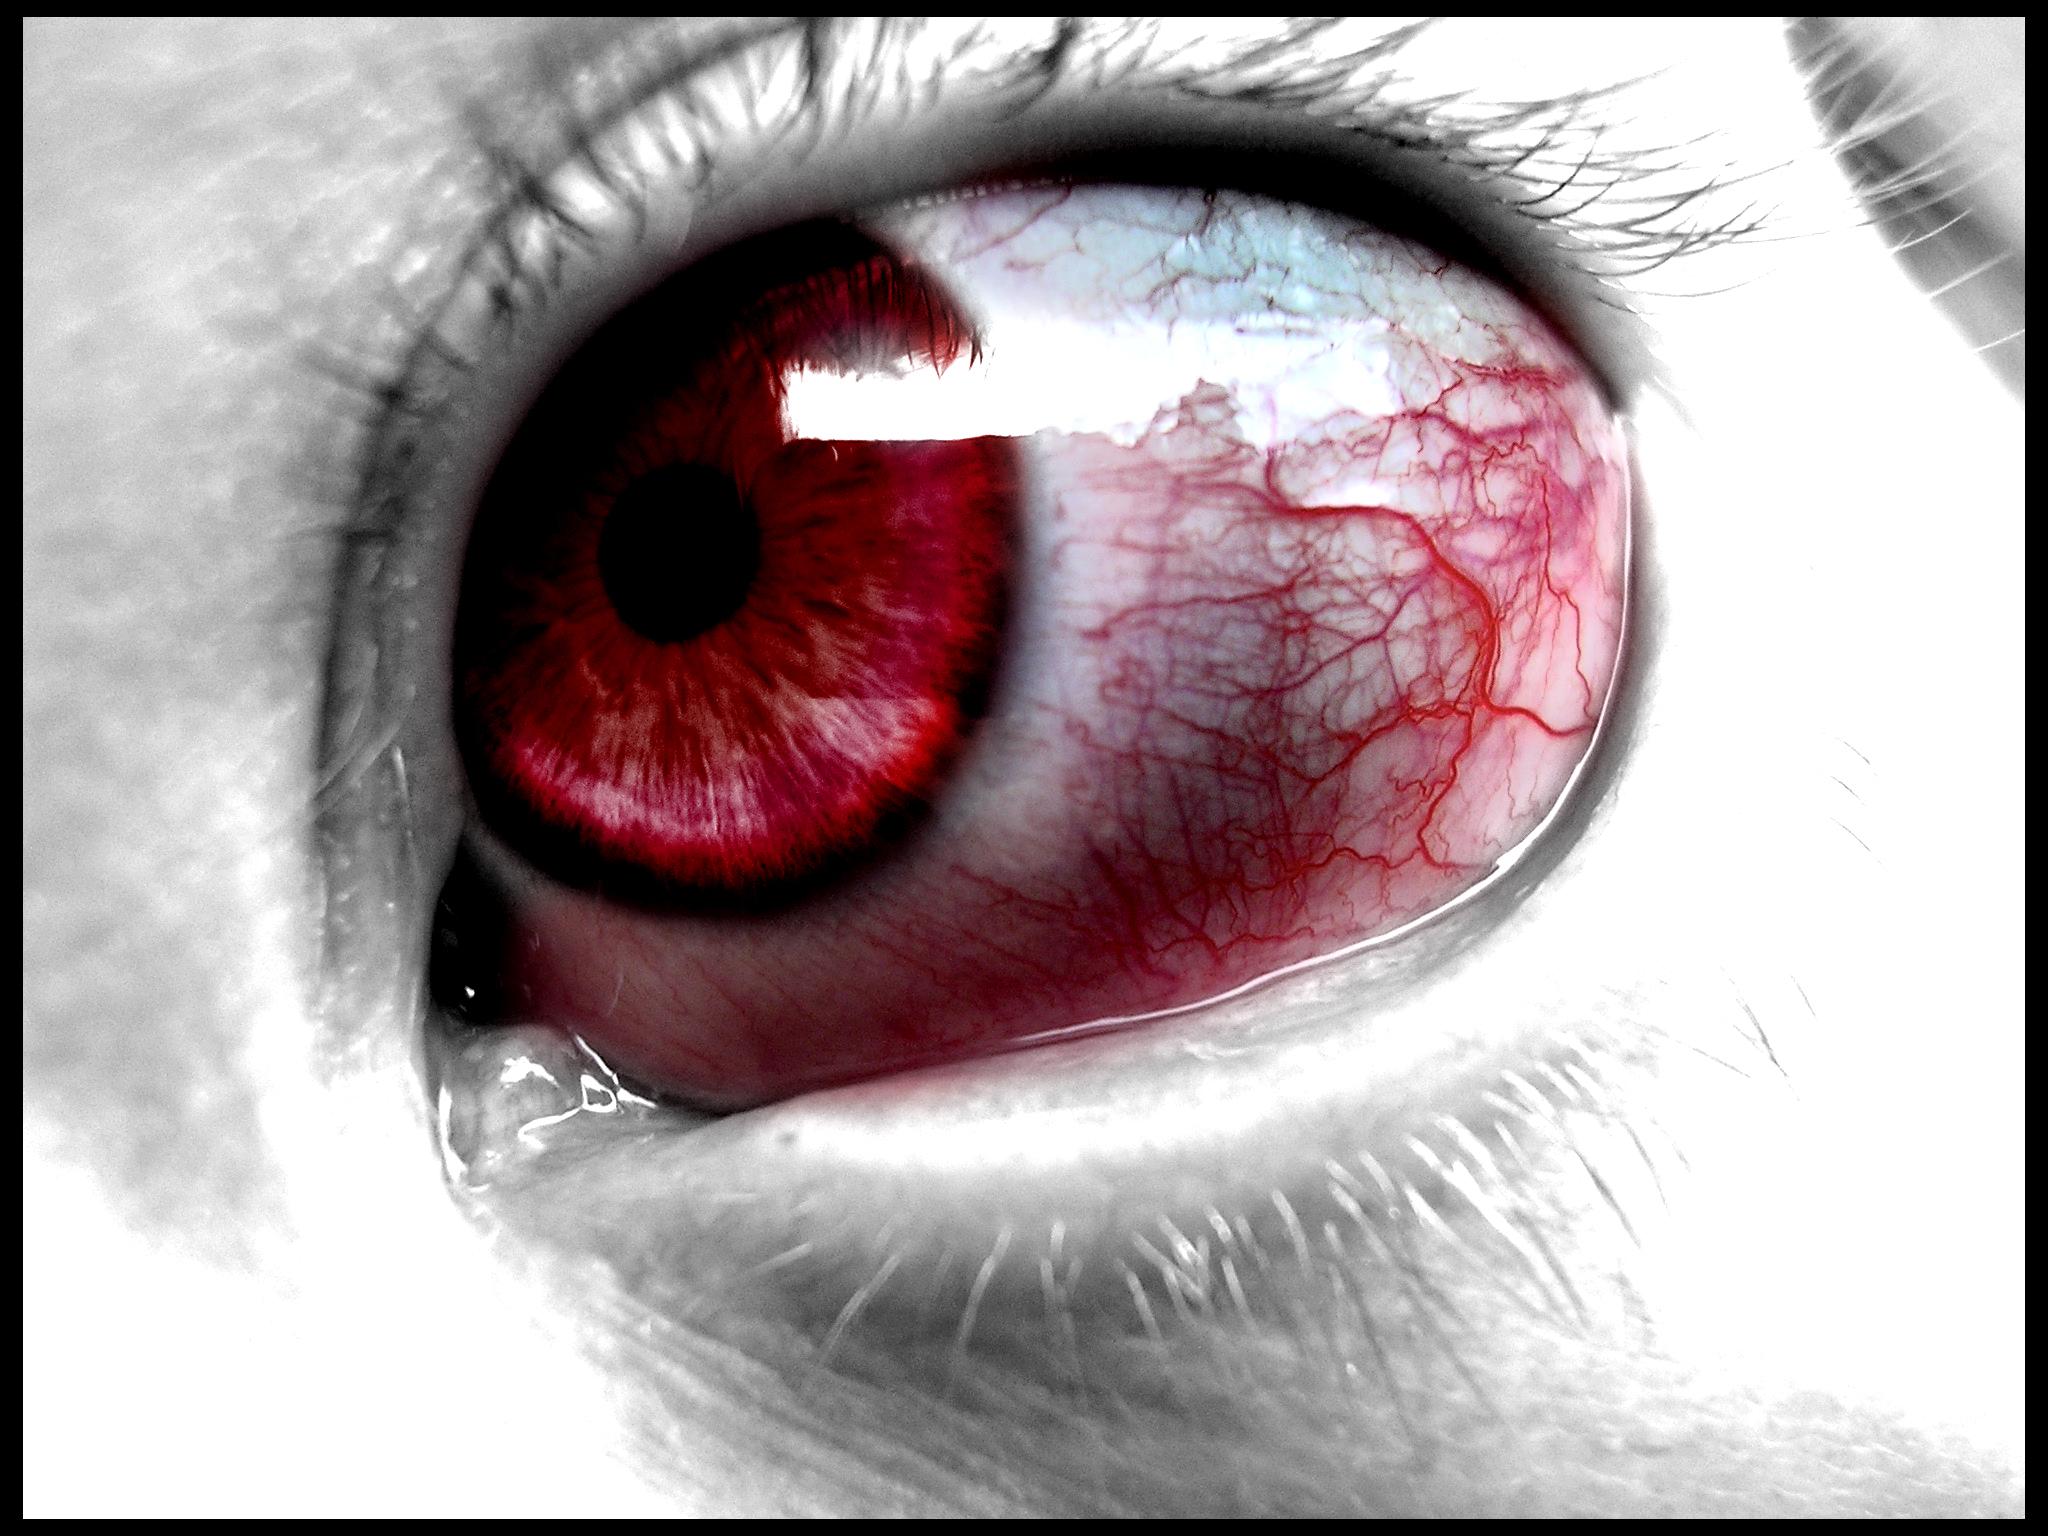 Evil_eye_by_Bedlam_baby